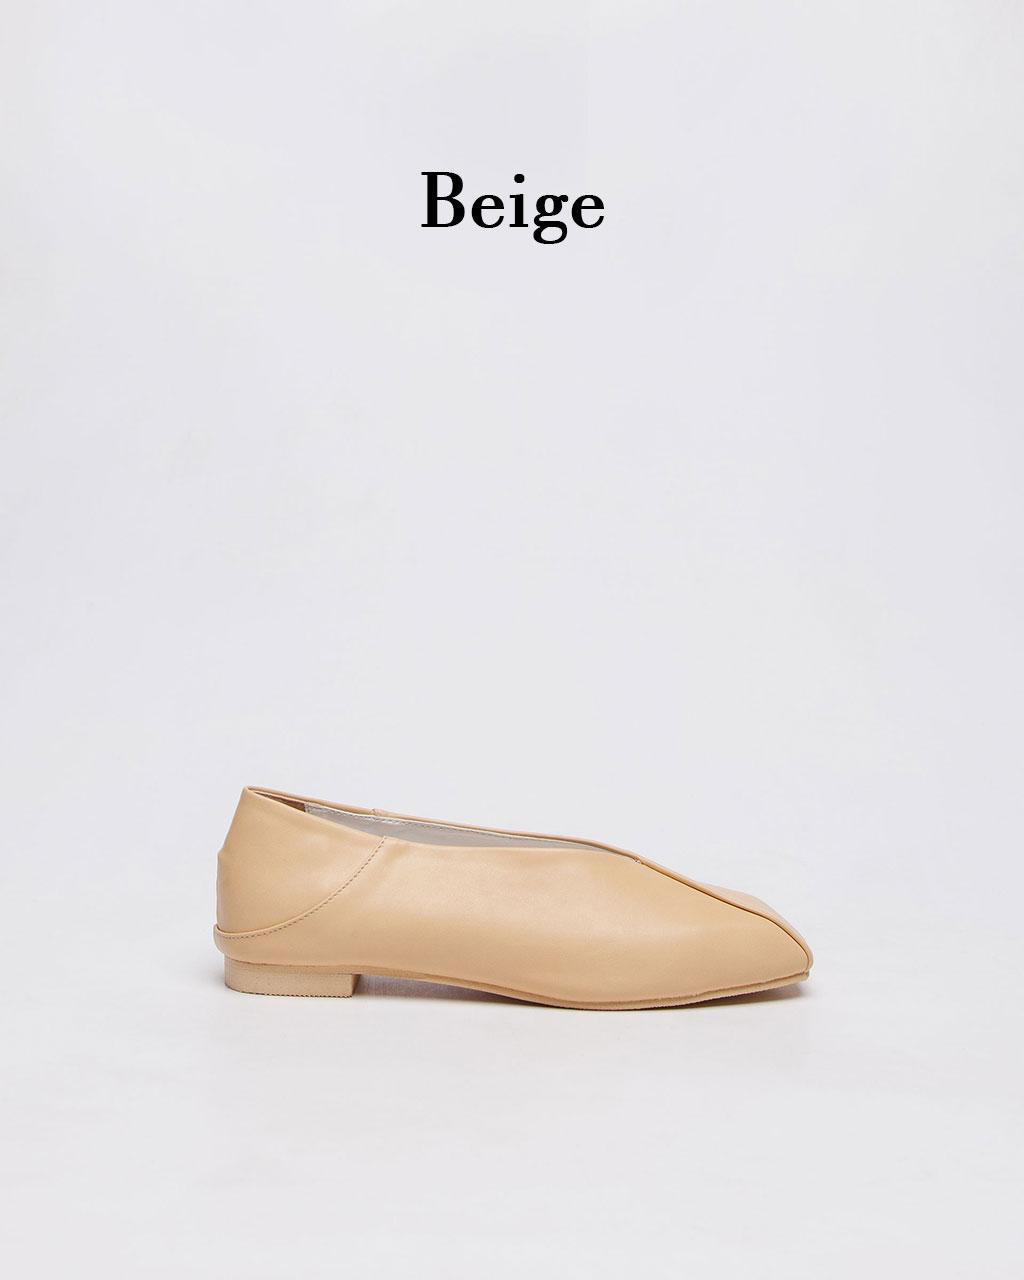 Tagtraume Leaf-04 - Beige(베이지)